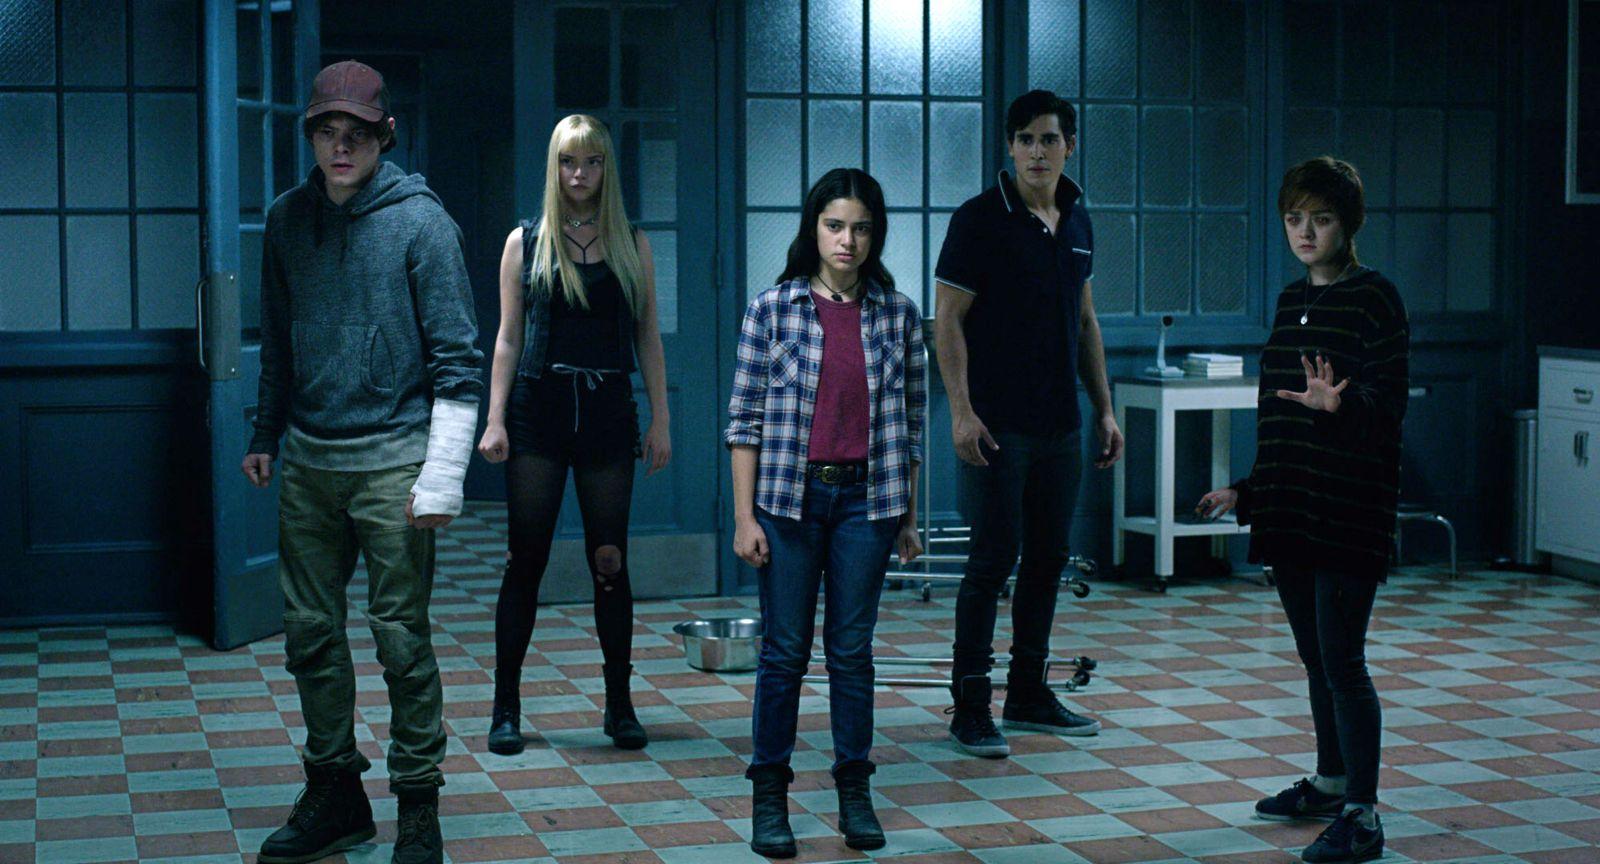 Yeni Mutantlar'dan (The New Mutants) yeni fragman | NTV